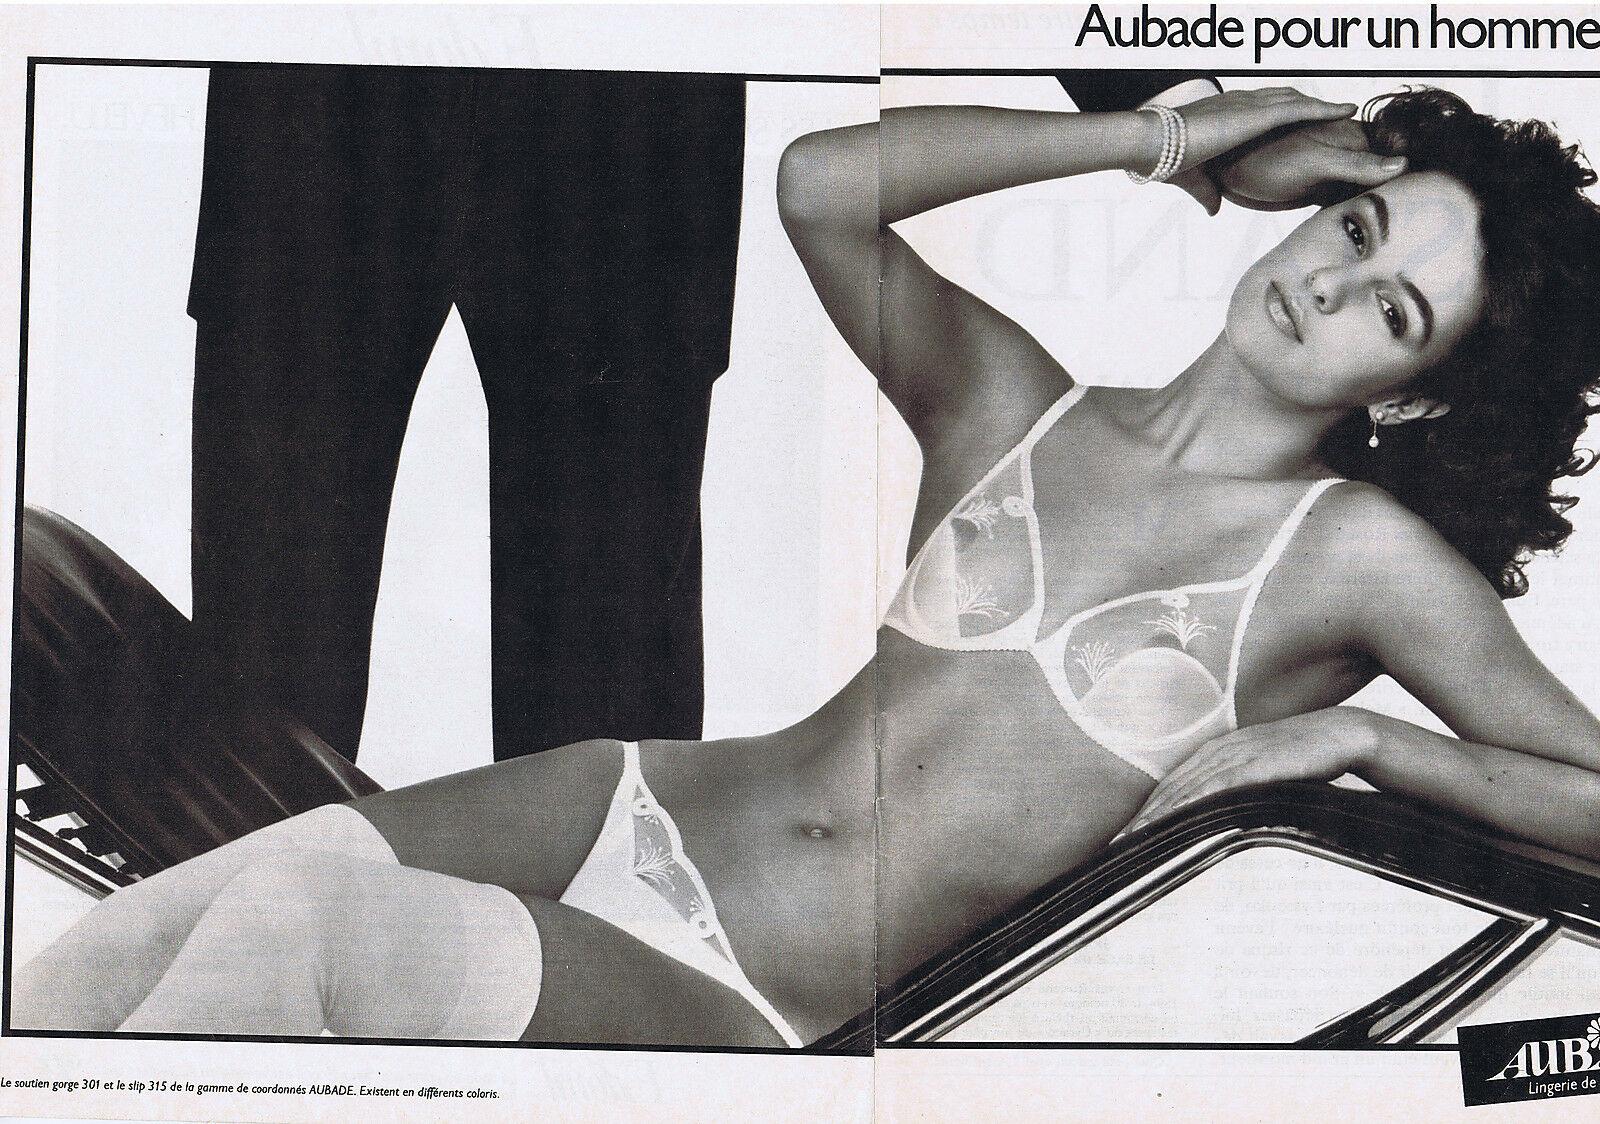 1983 AUBADE